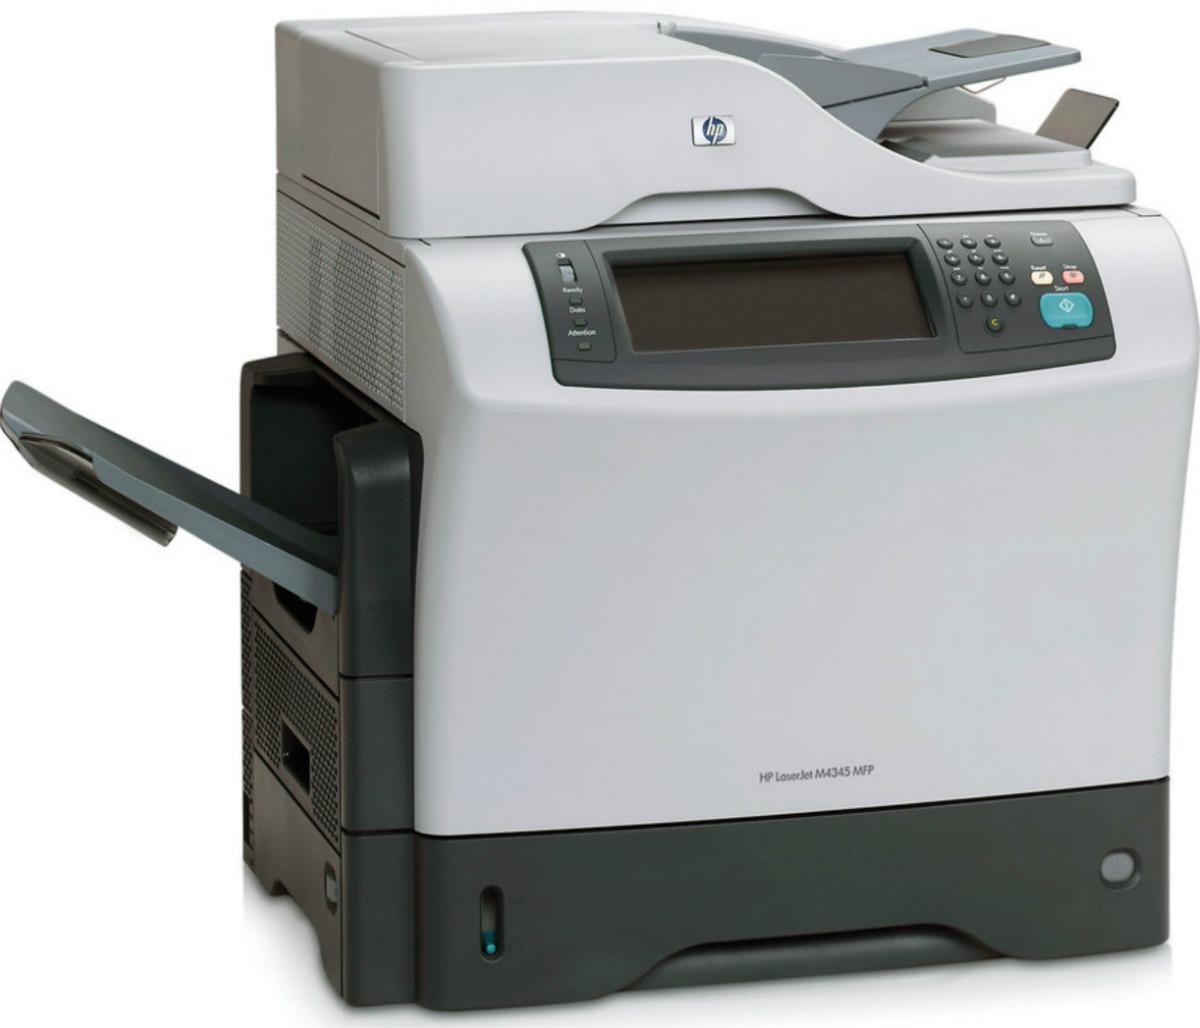 Многофункциональное устройство HP LaserJet M4345 MFP